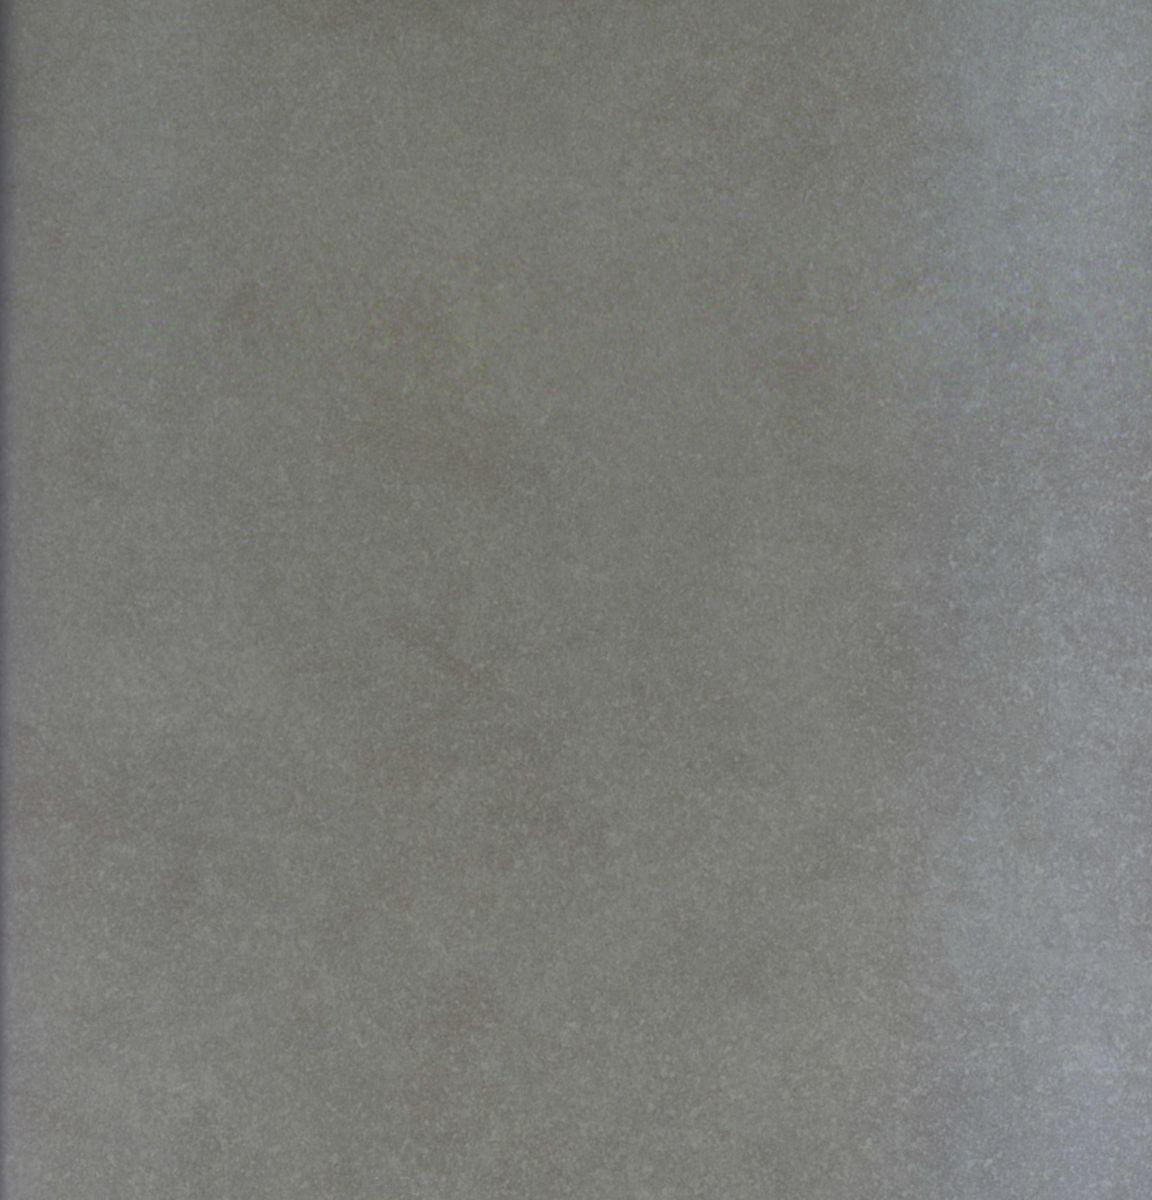 Carrelage de sol intérieur grès cérame Monte Carlo - grège - 45x45 cm - ép.  9 mm